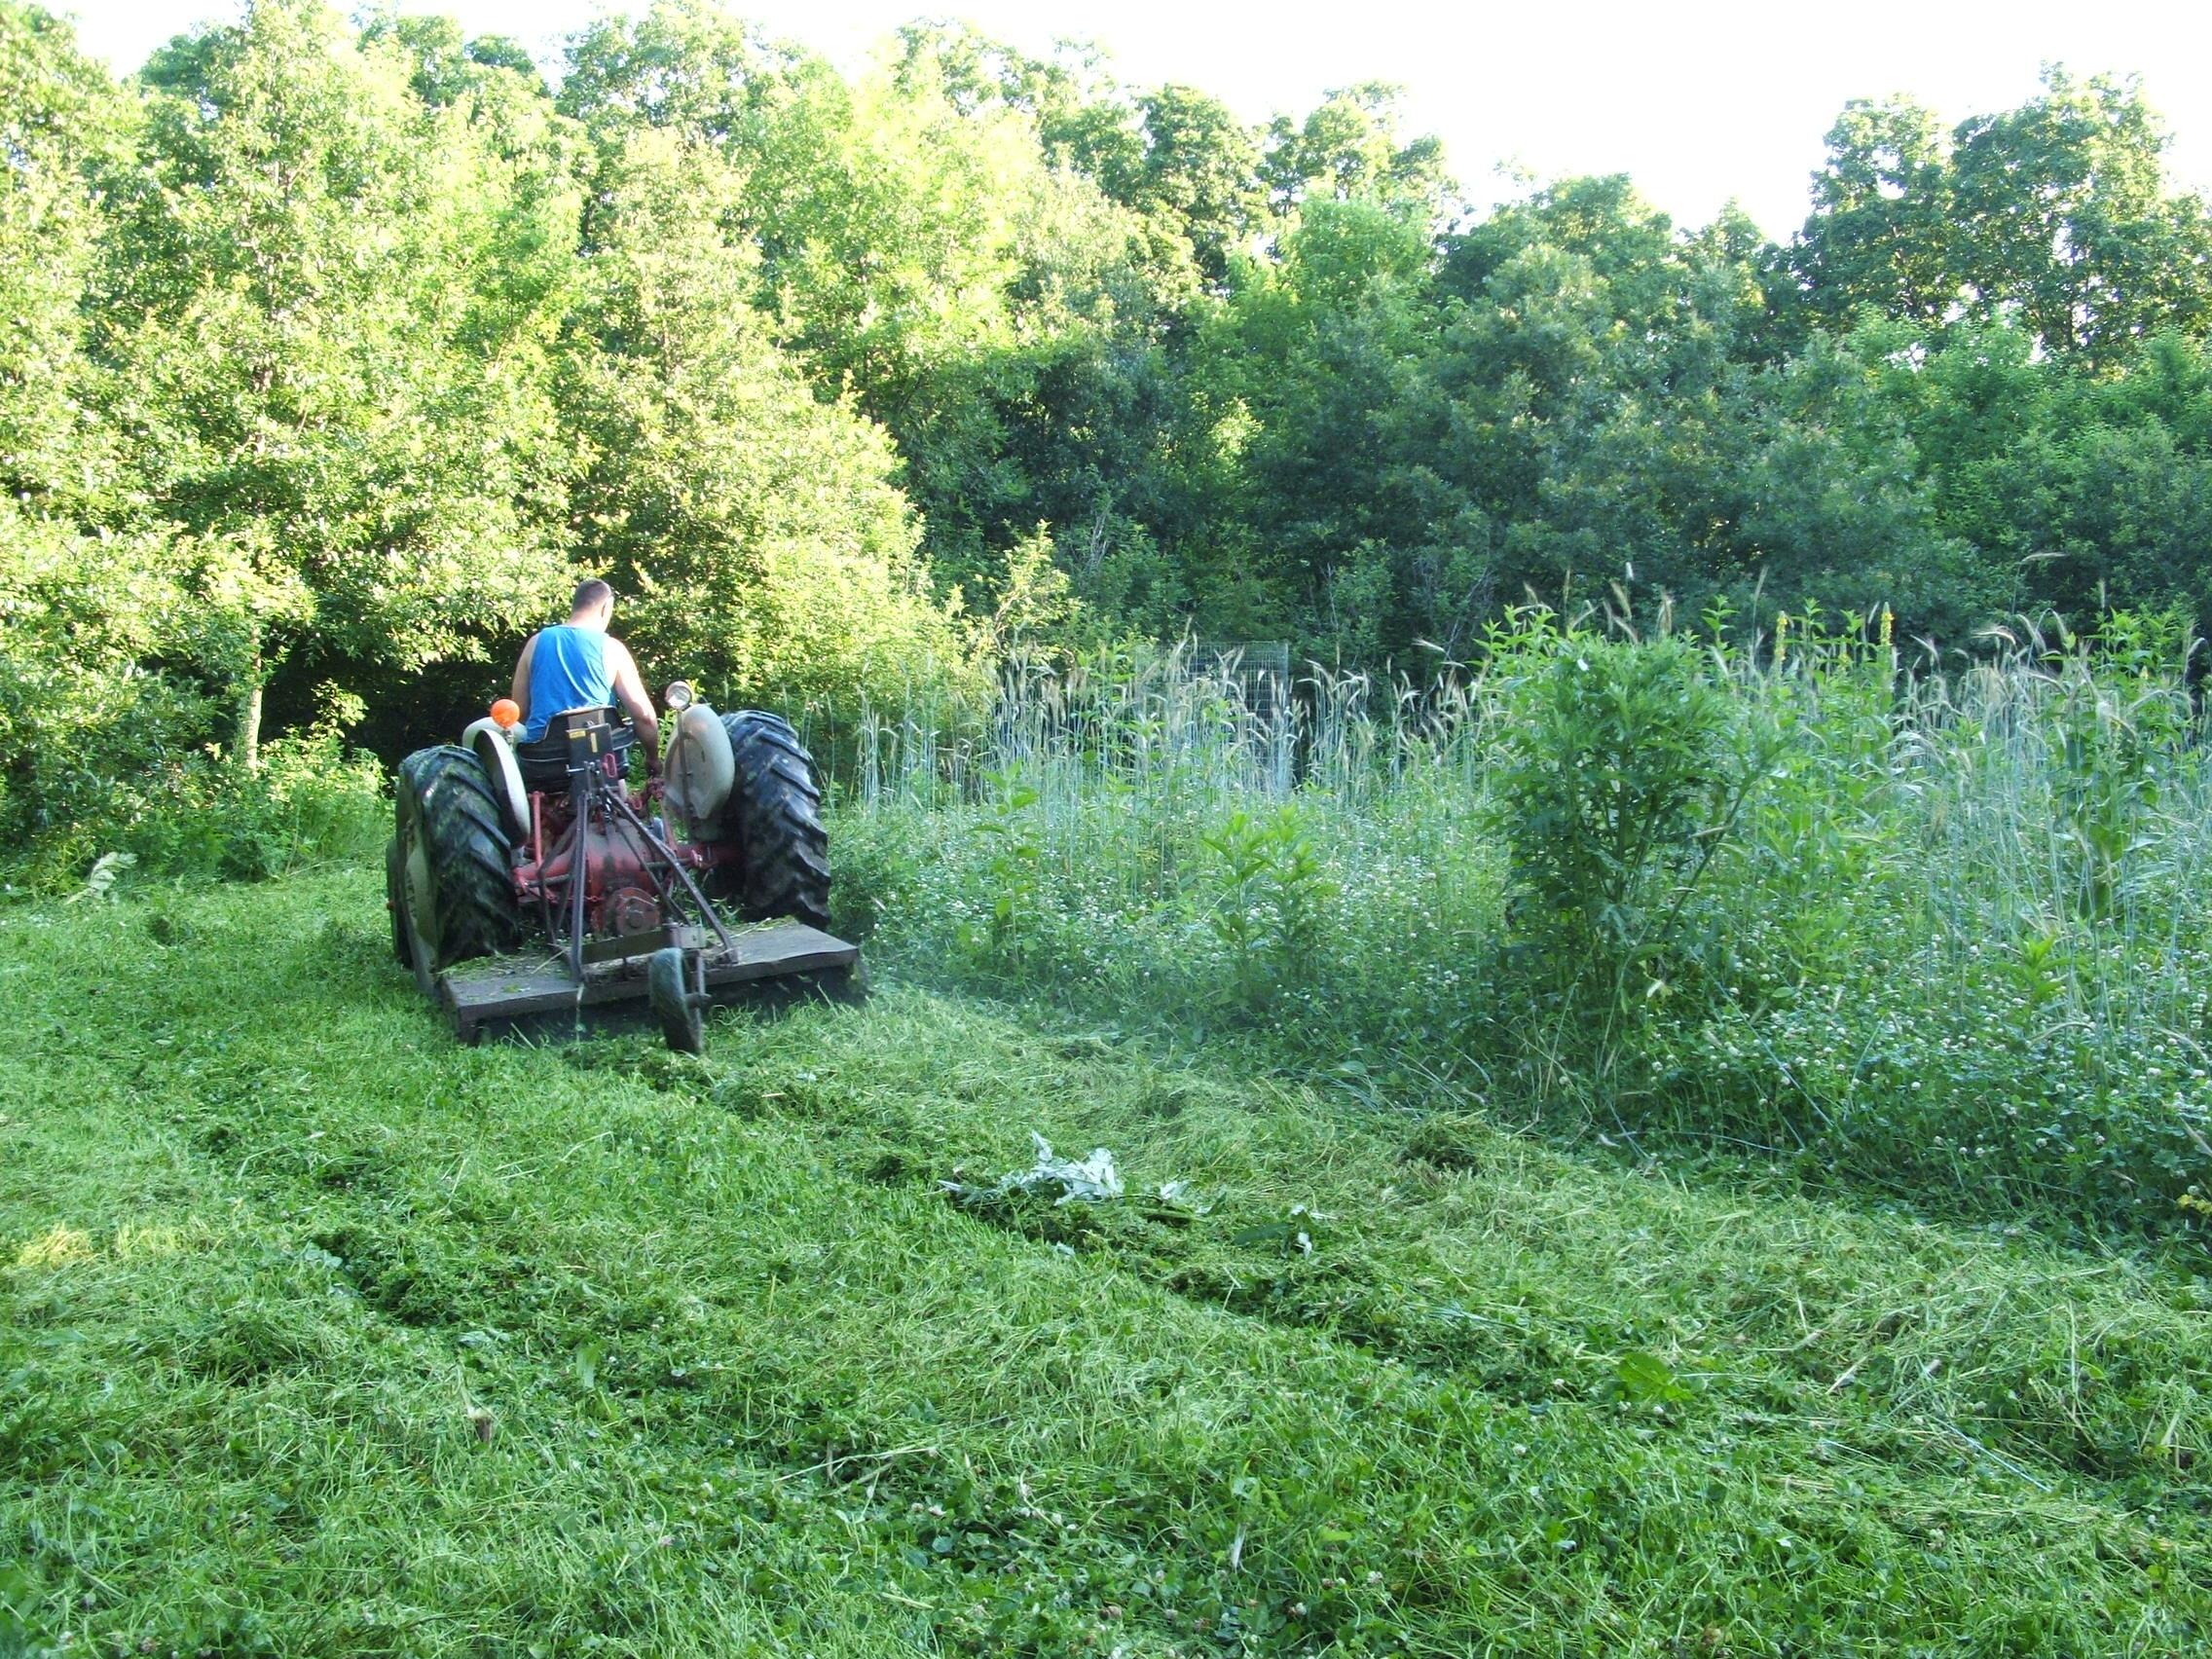 An interior clover plot that needs a good mowing.